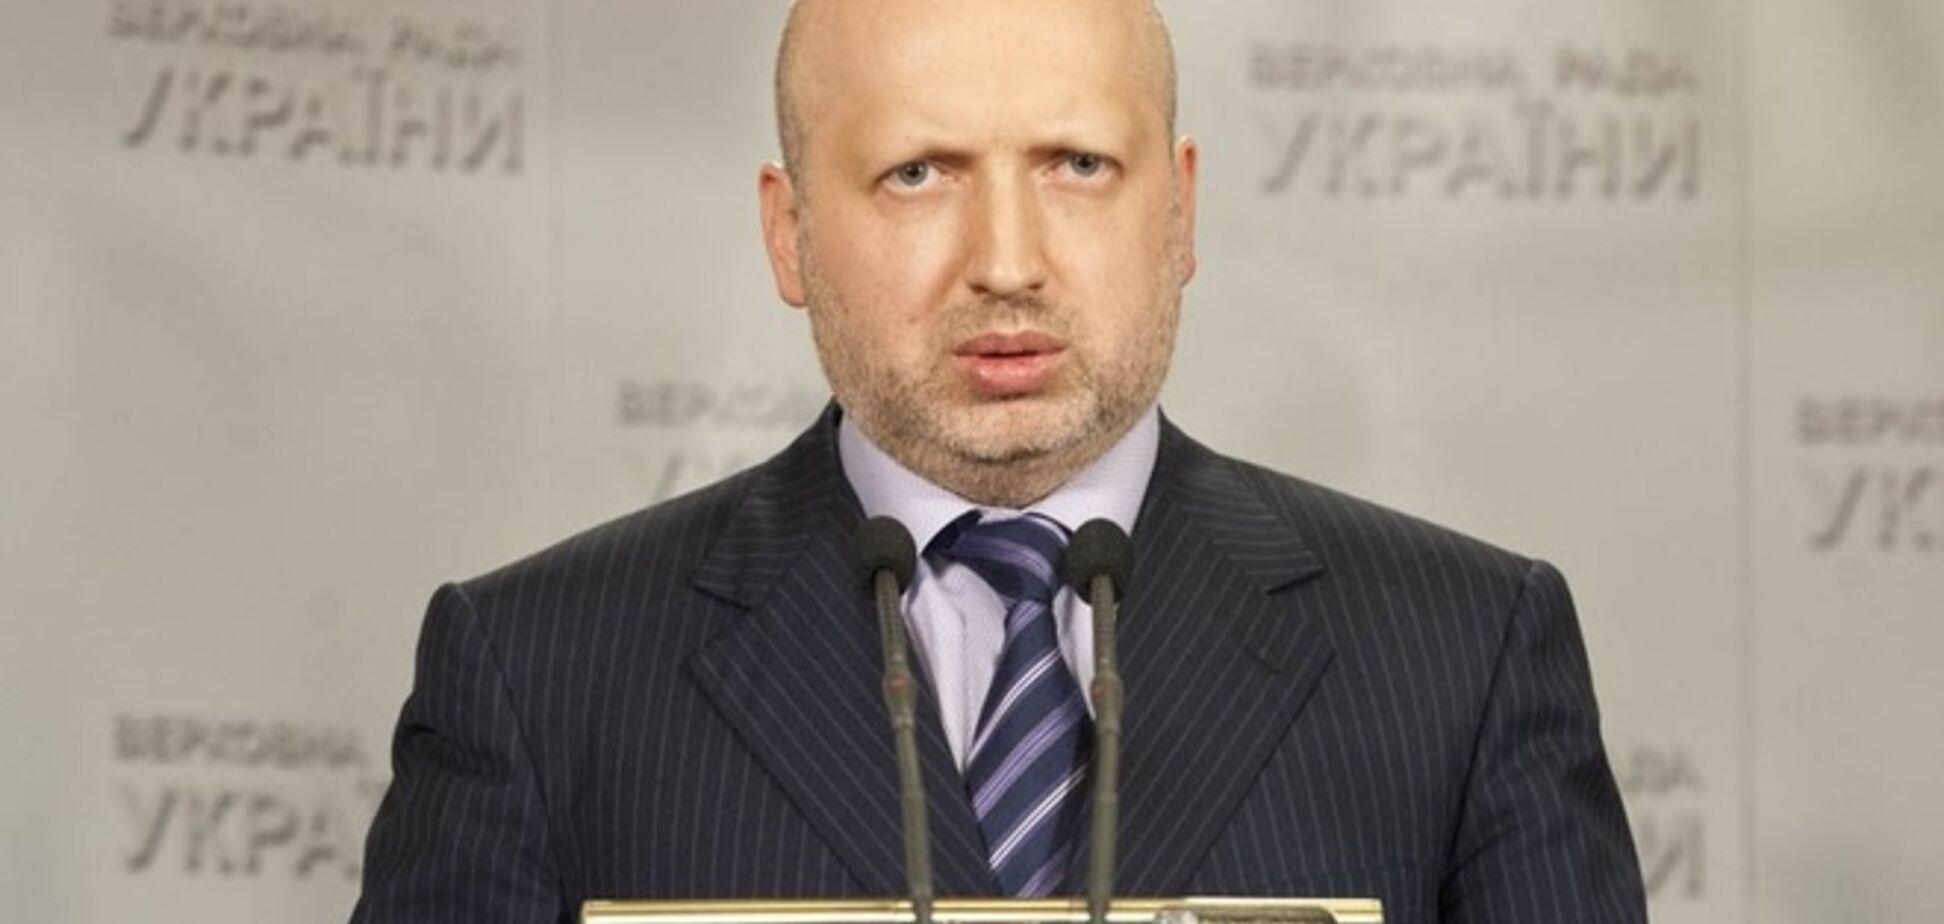 Антитеррористическая операция будет продолжена - Турчинов